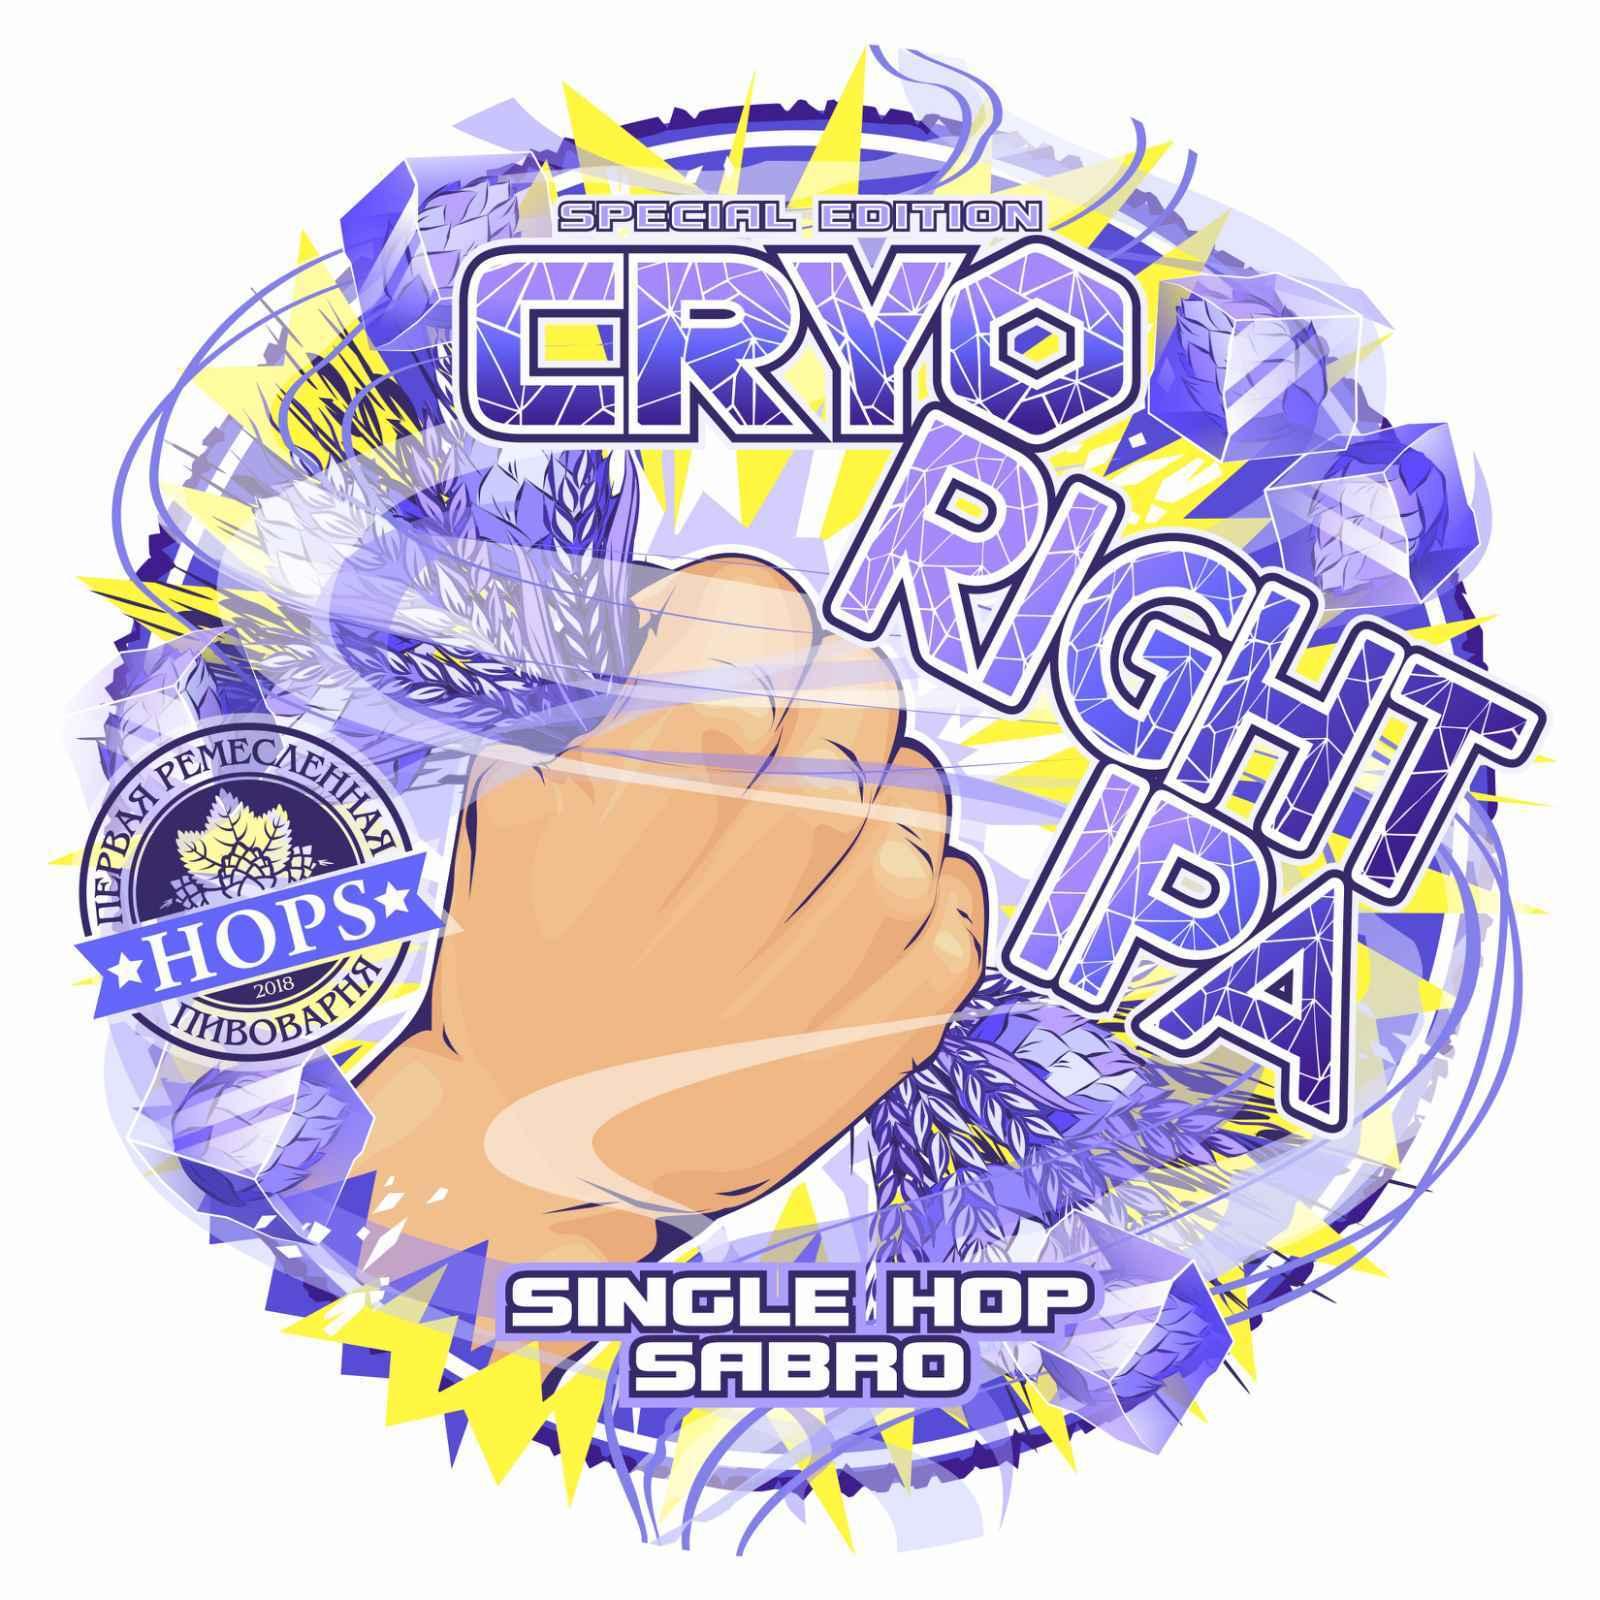 Пиво Cryo IPA. Single Hop Sabro